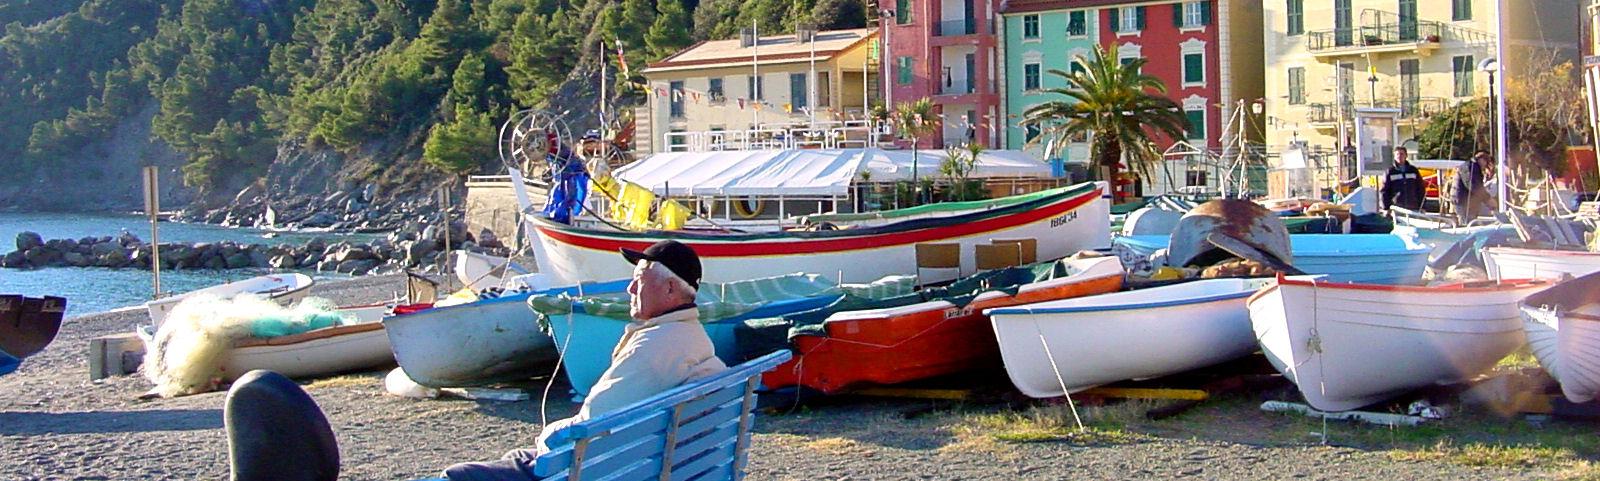 Riva-Trigoso-Spiaggia-Ponente